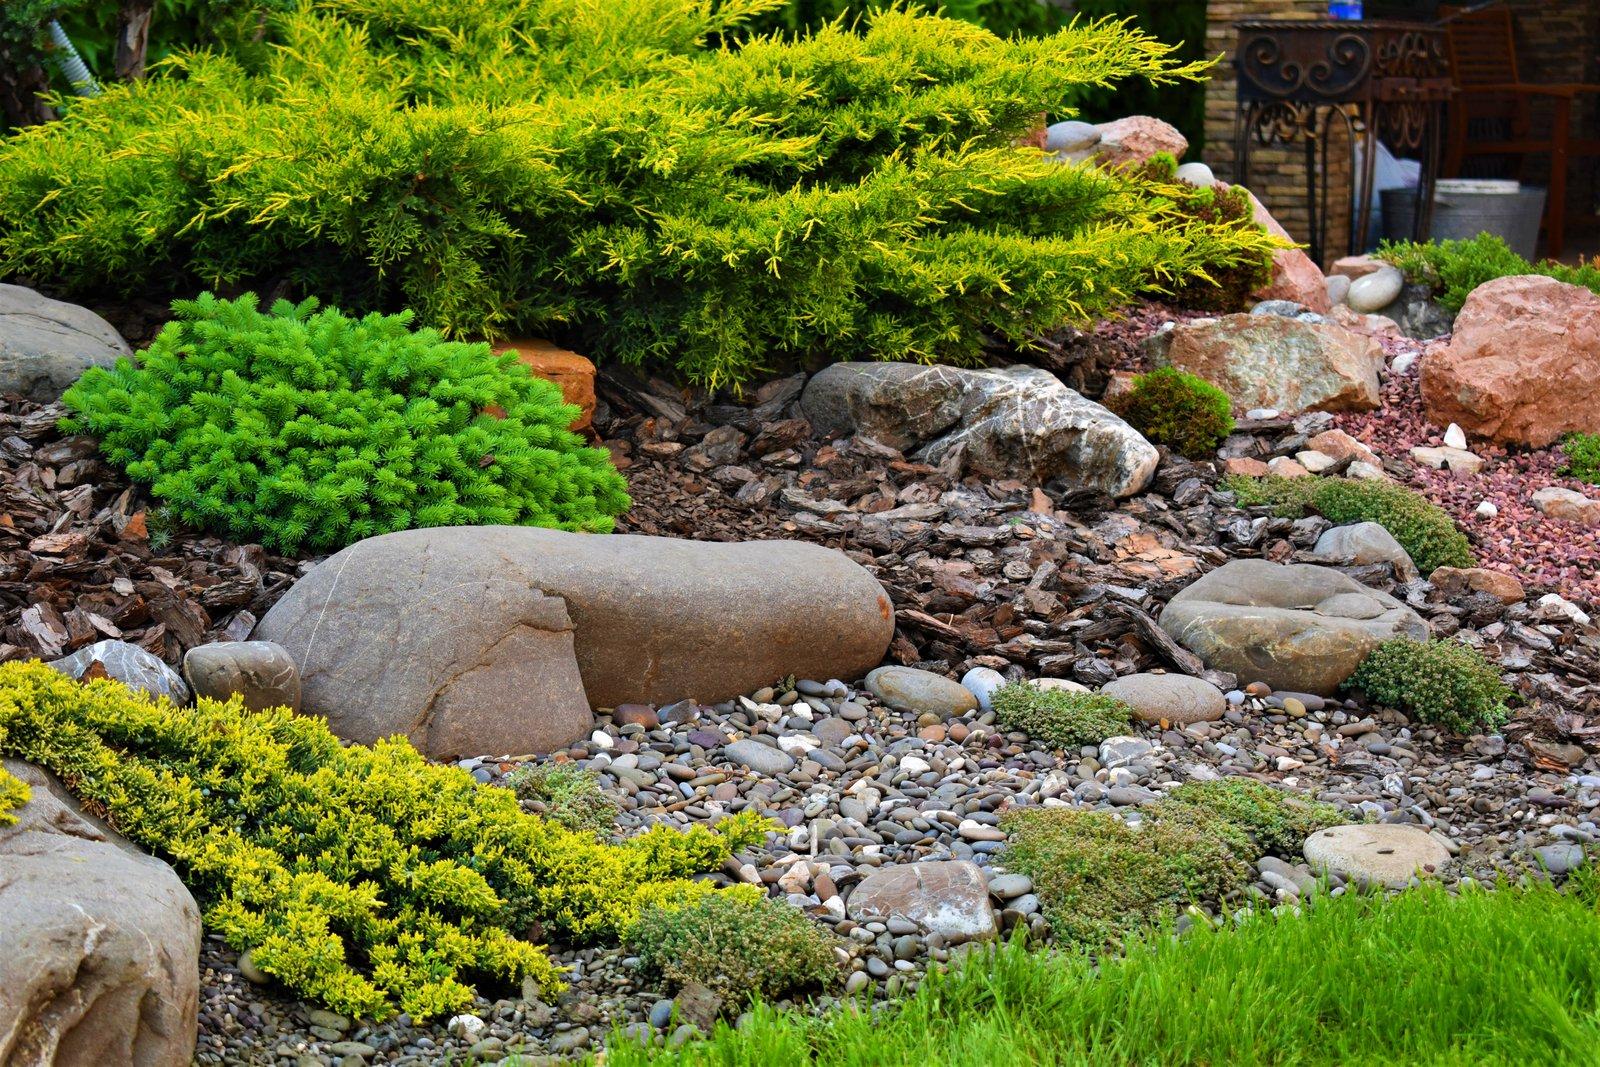 склон с камнями в ландшафтном дизайне фото поставить парочку